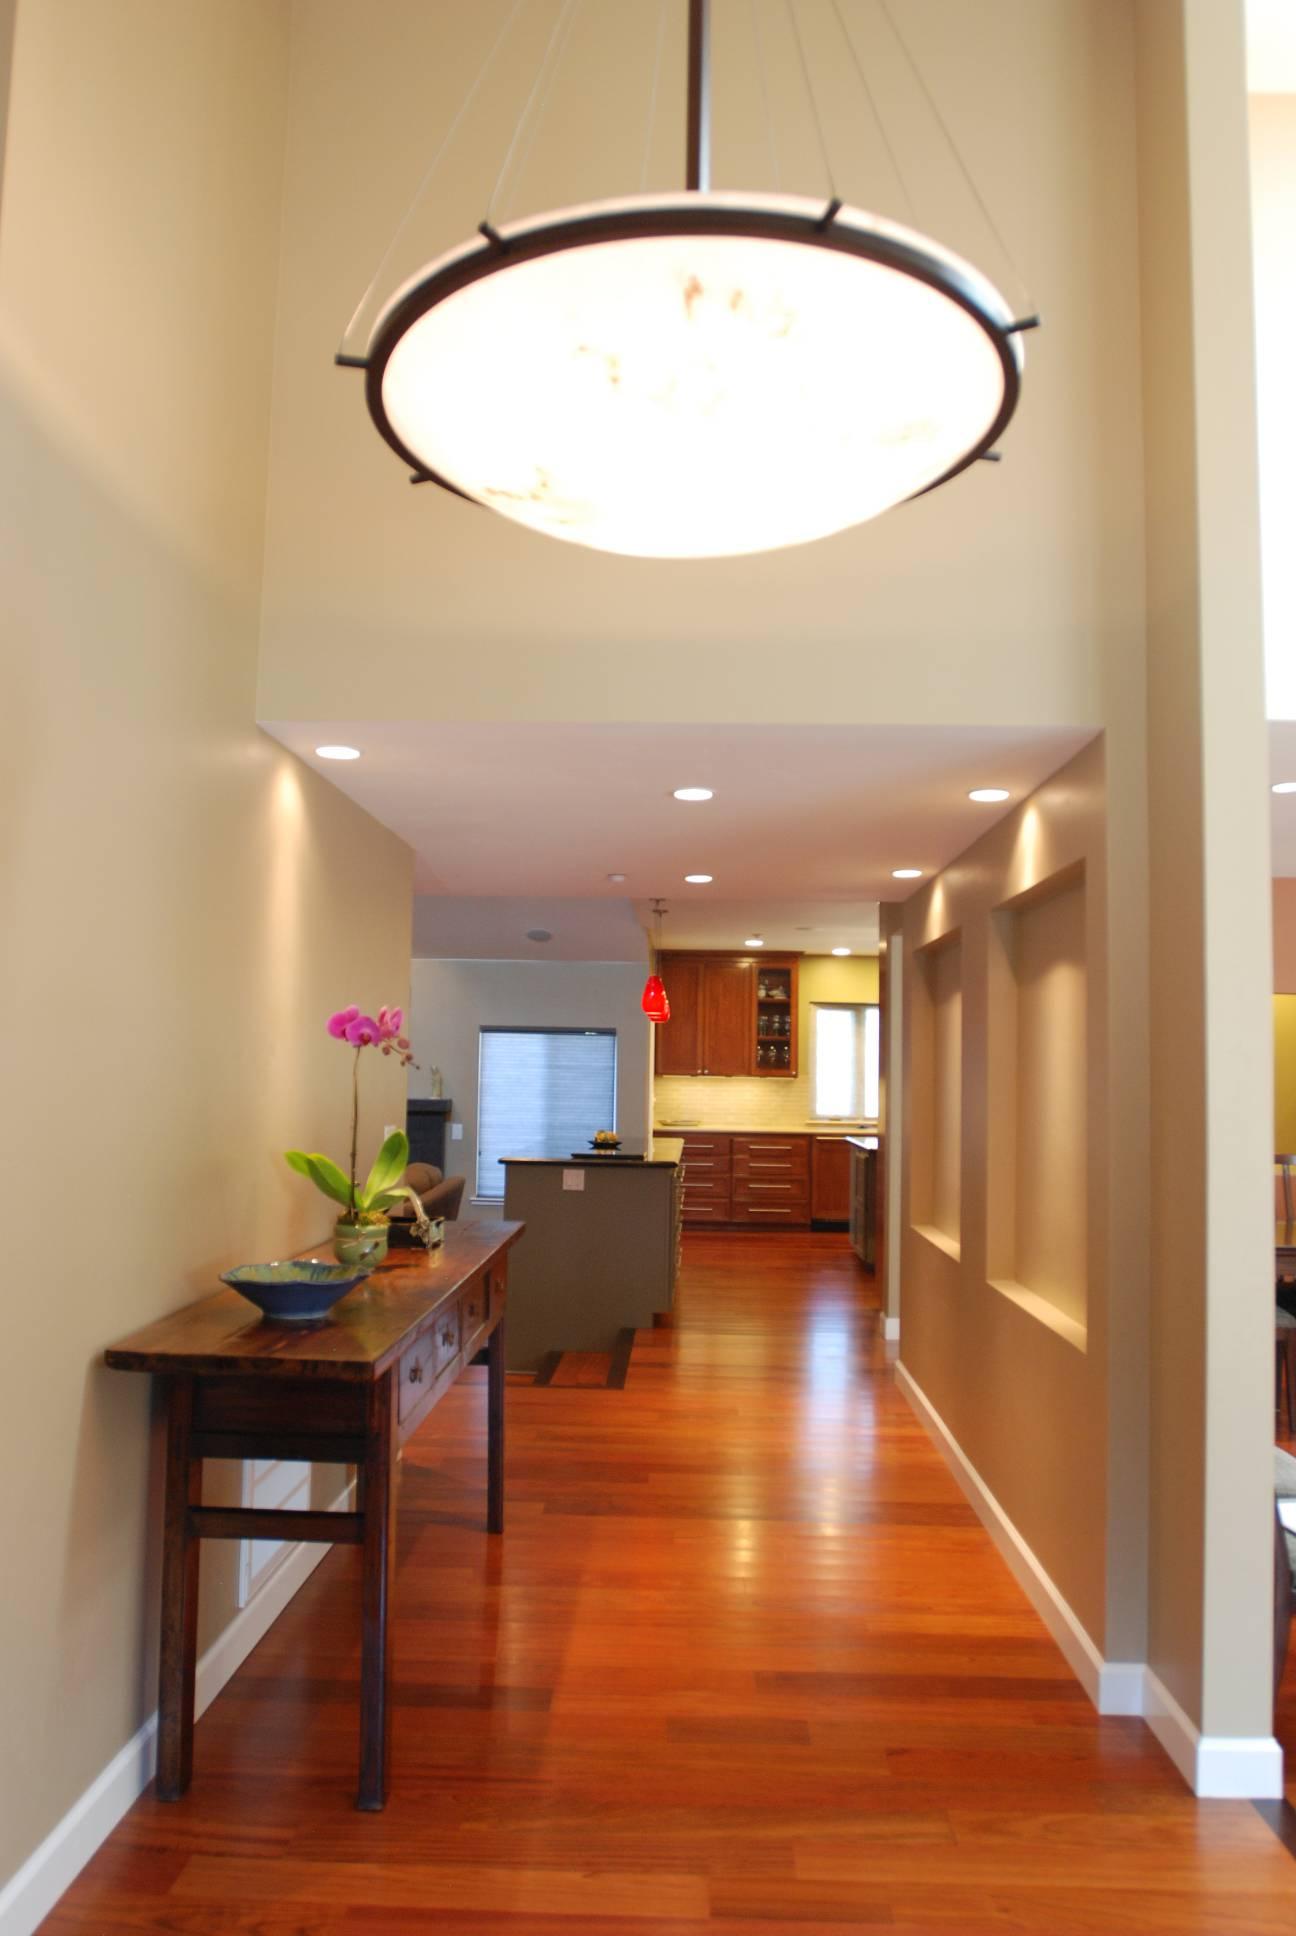 Hallway, best Interior design work, Architect work, Mountain View